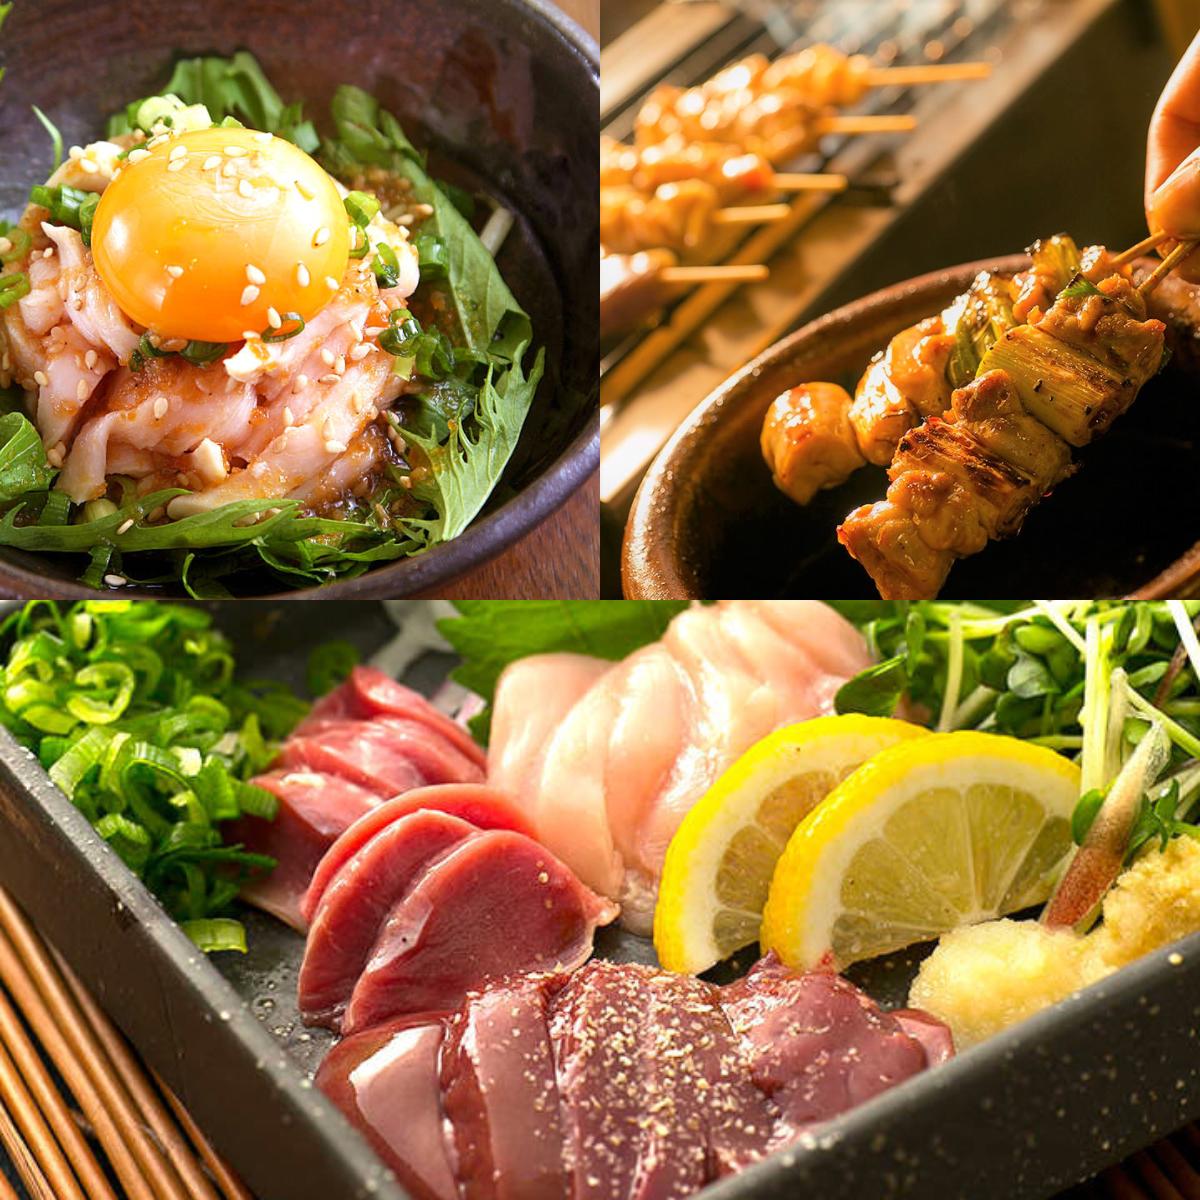 梅田にある【煙 ~けむり~ 本店】の鶏料理